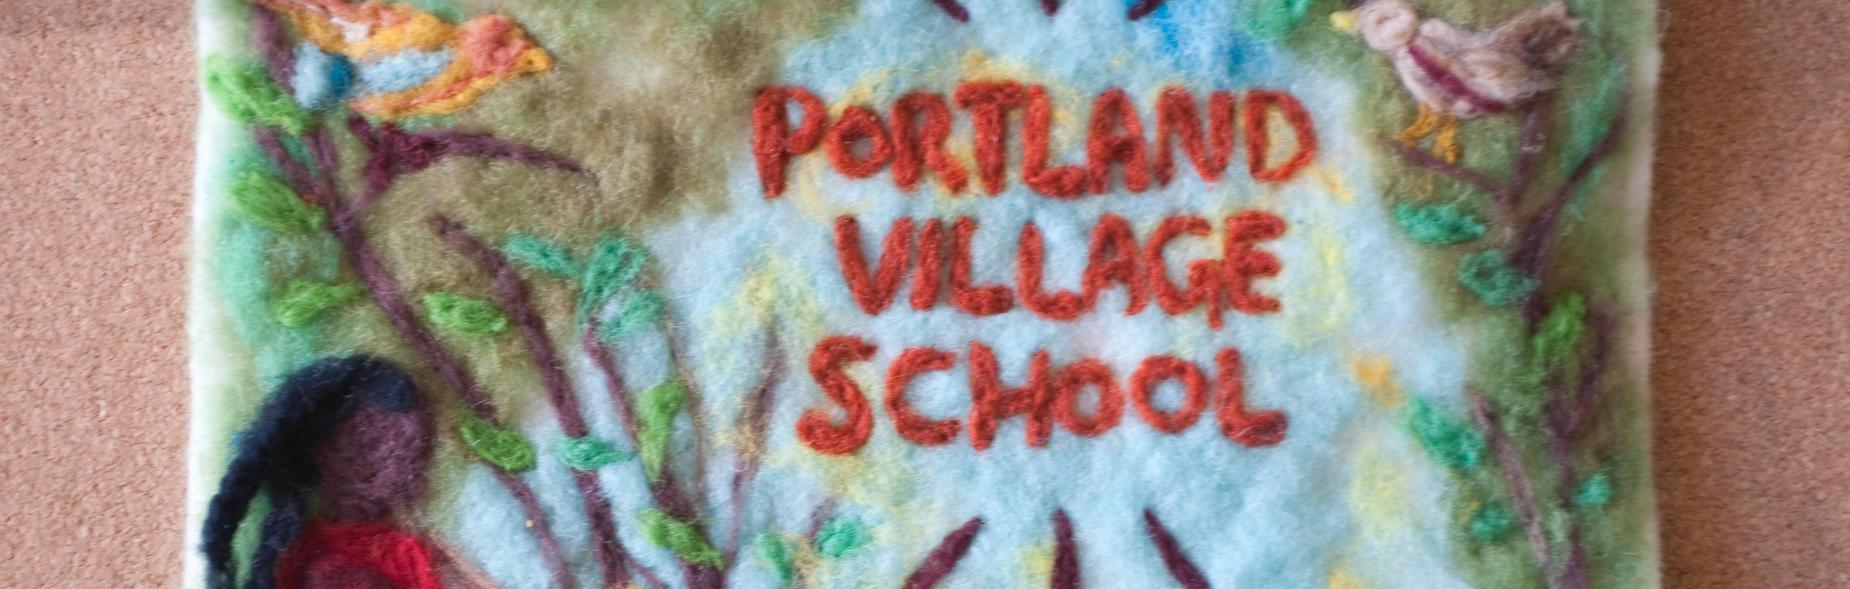 Portland Village School